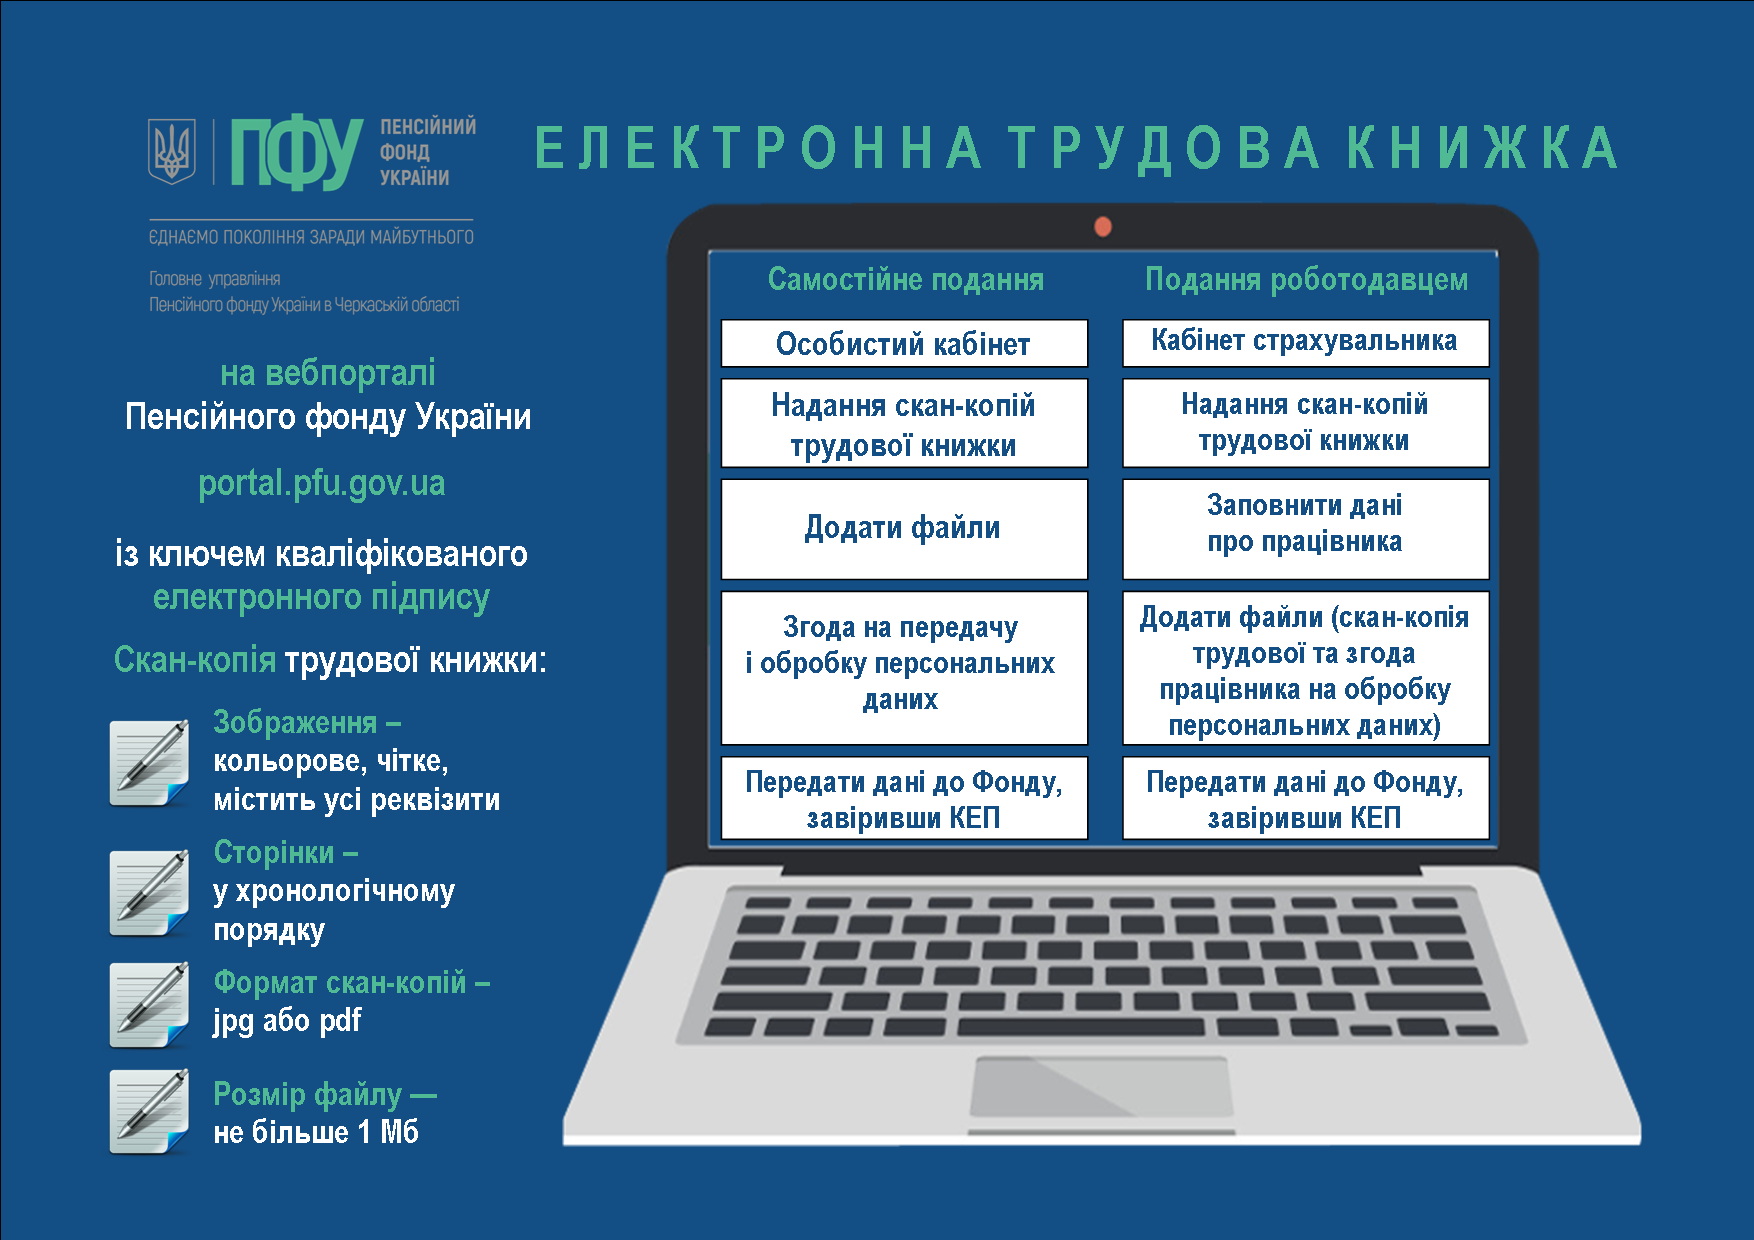 На Черкащині починають діяти електронні трудові книжки